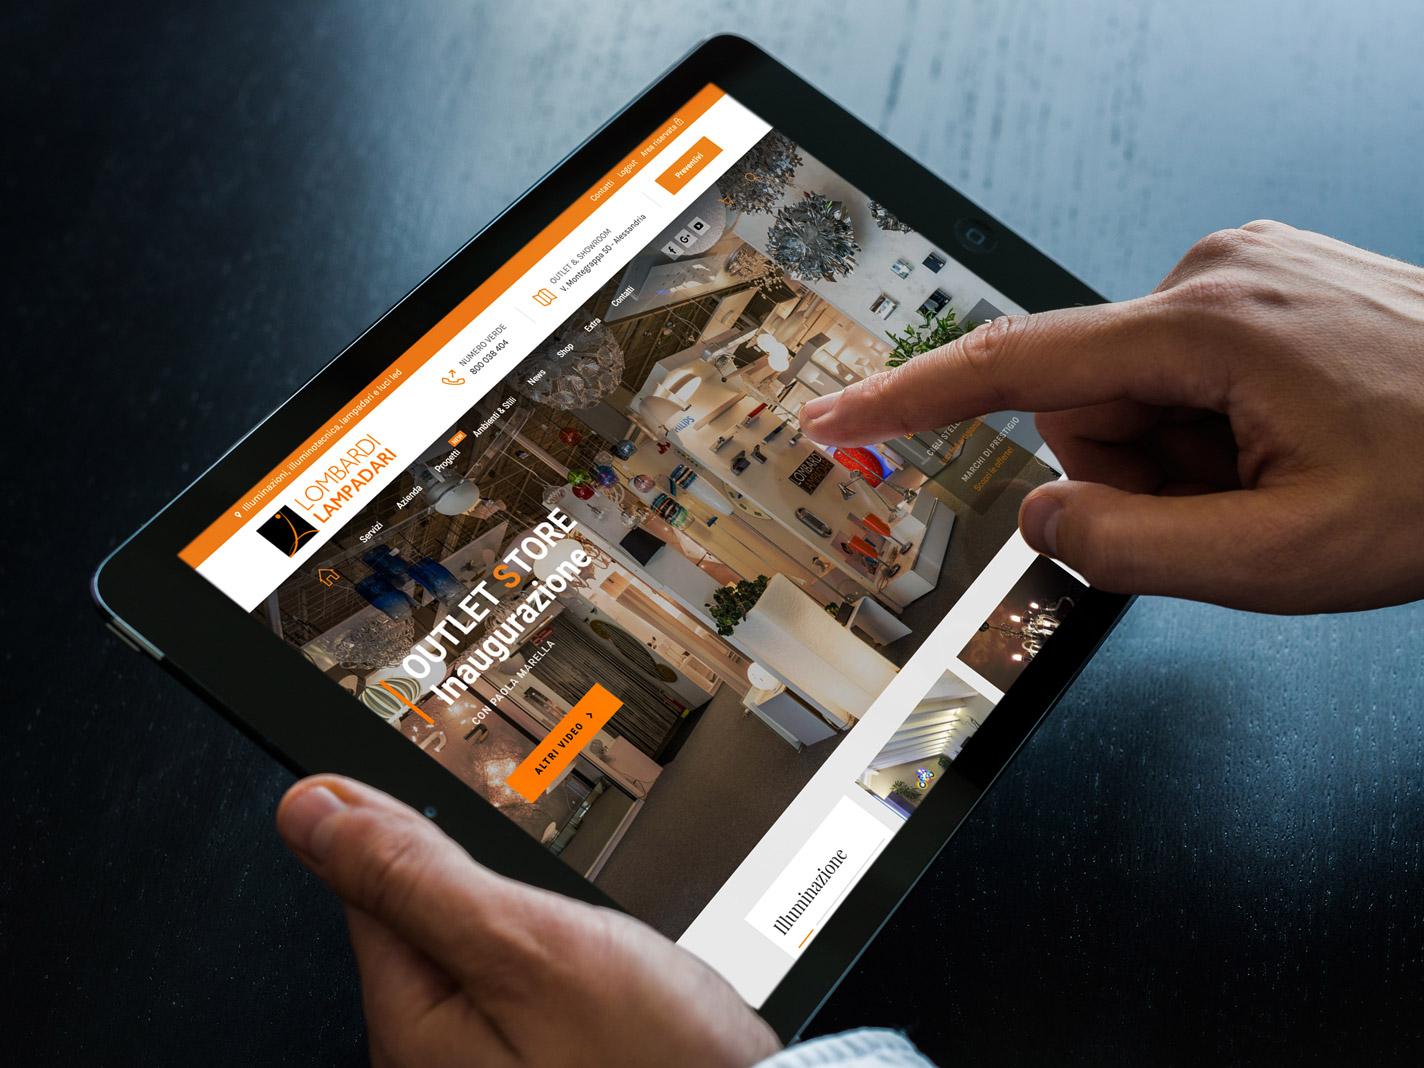 Lombardi nuovo sito grafica intuitiva moderna lombardi for Arredatori online